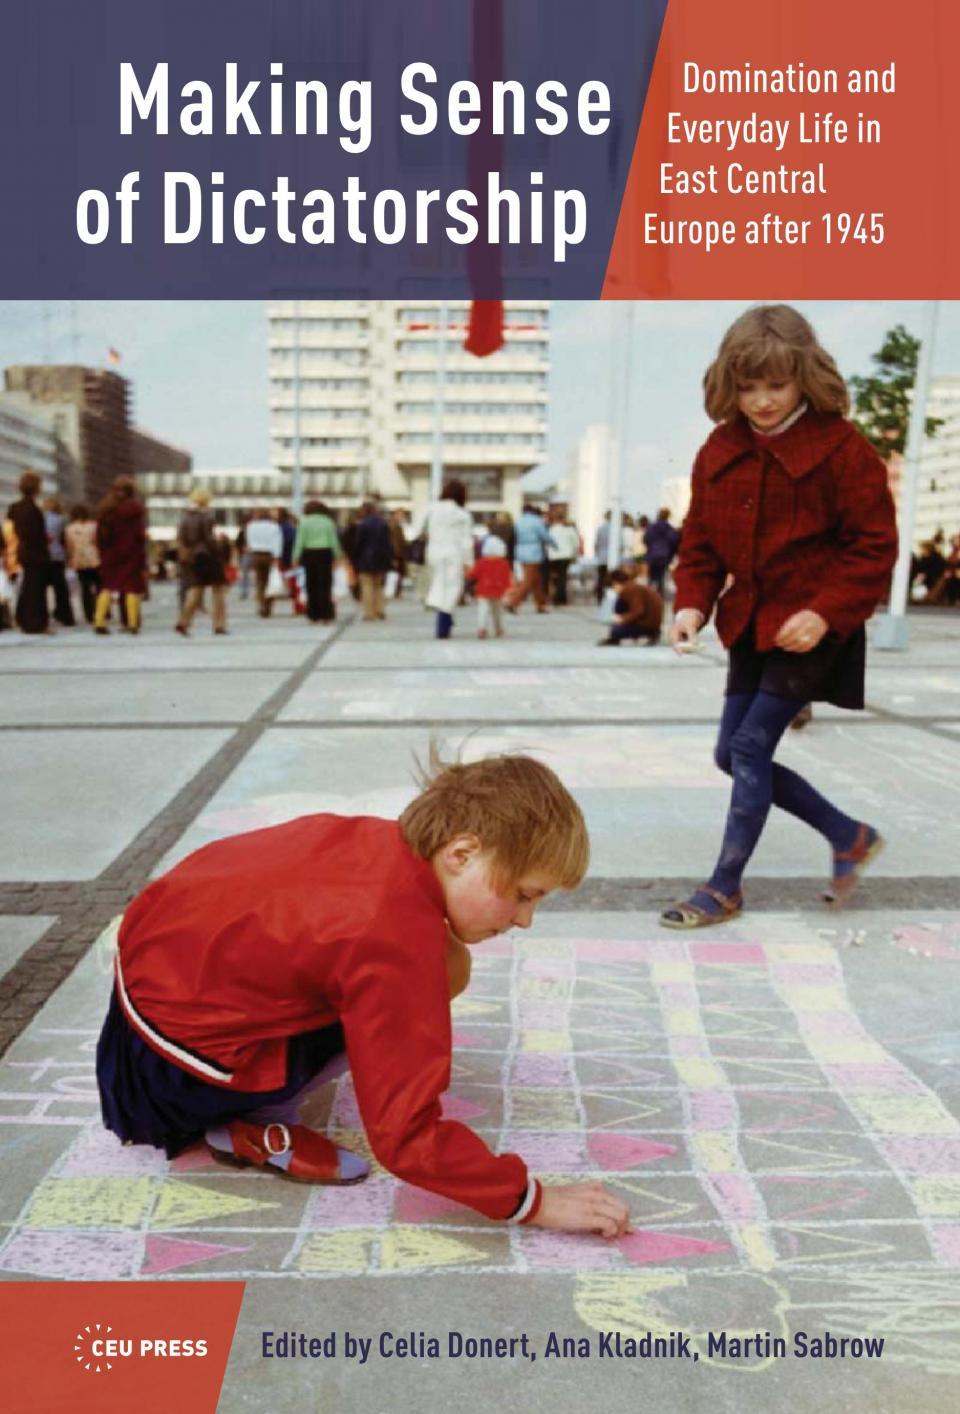 Making Sense of Dictatorship book cover